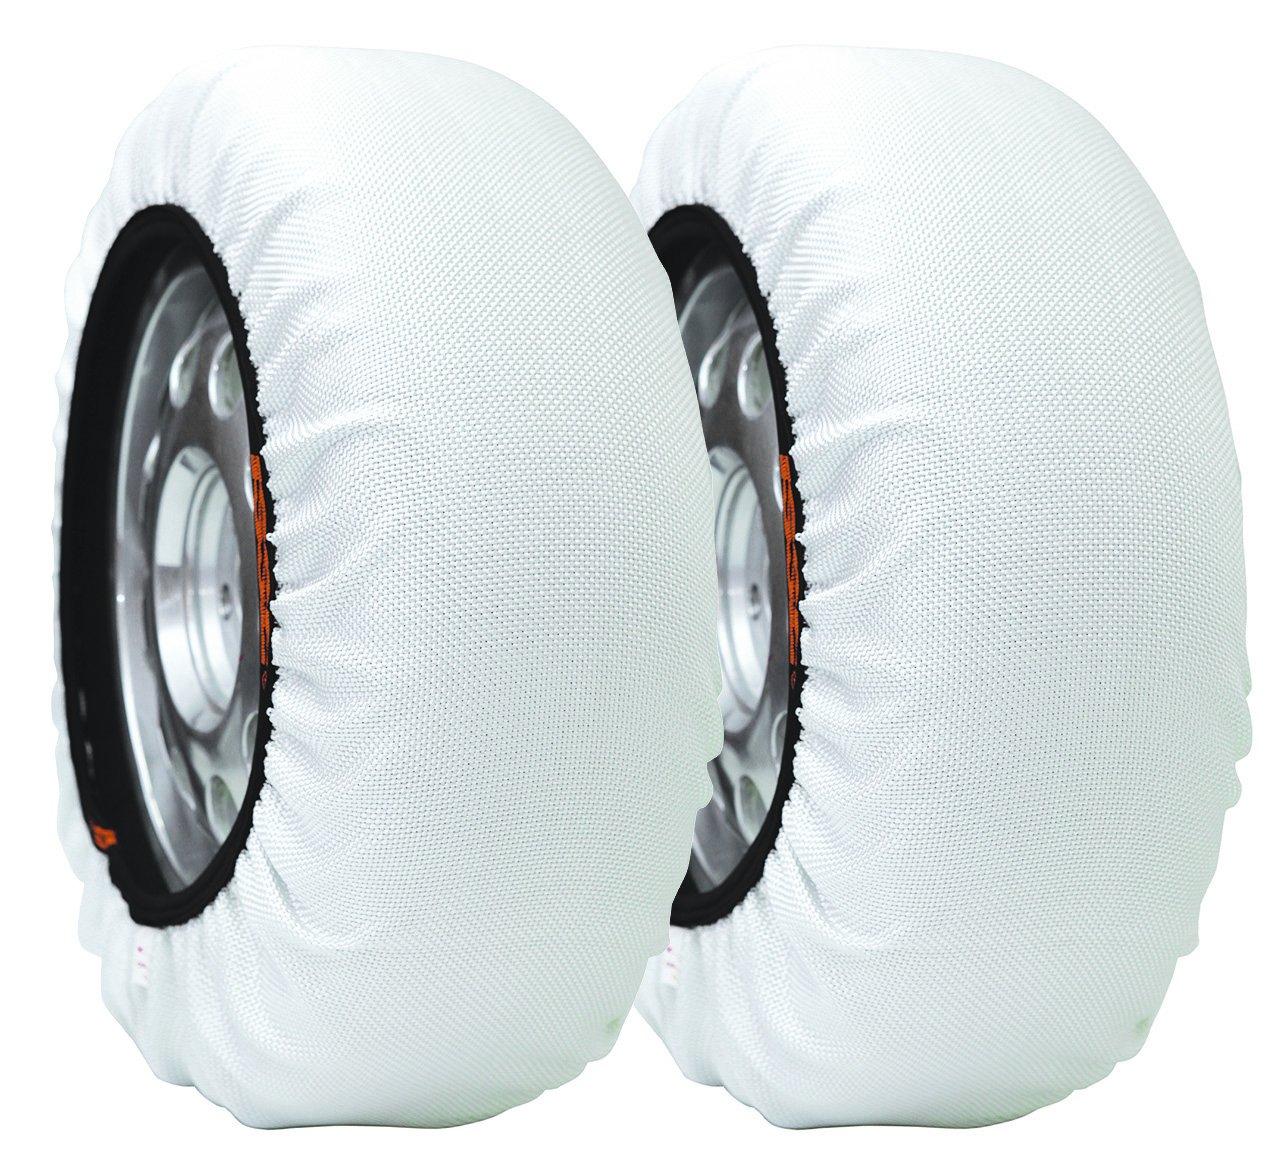 Cadenas textiles para nieve ISSE Tribologic Super (Talla 66)